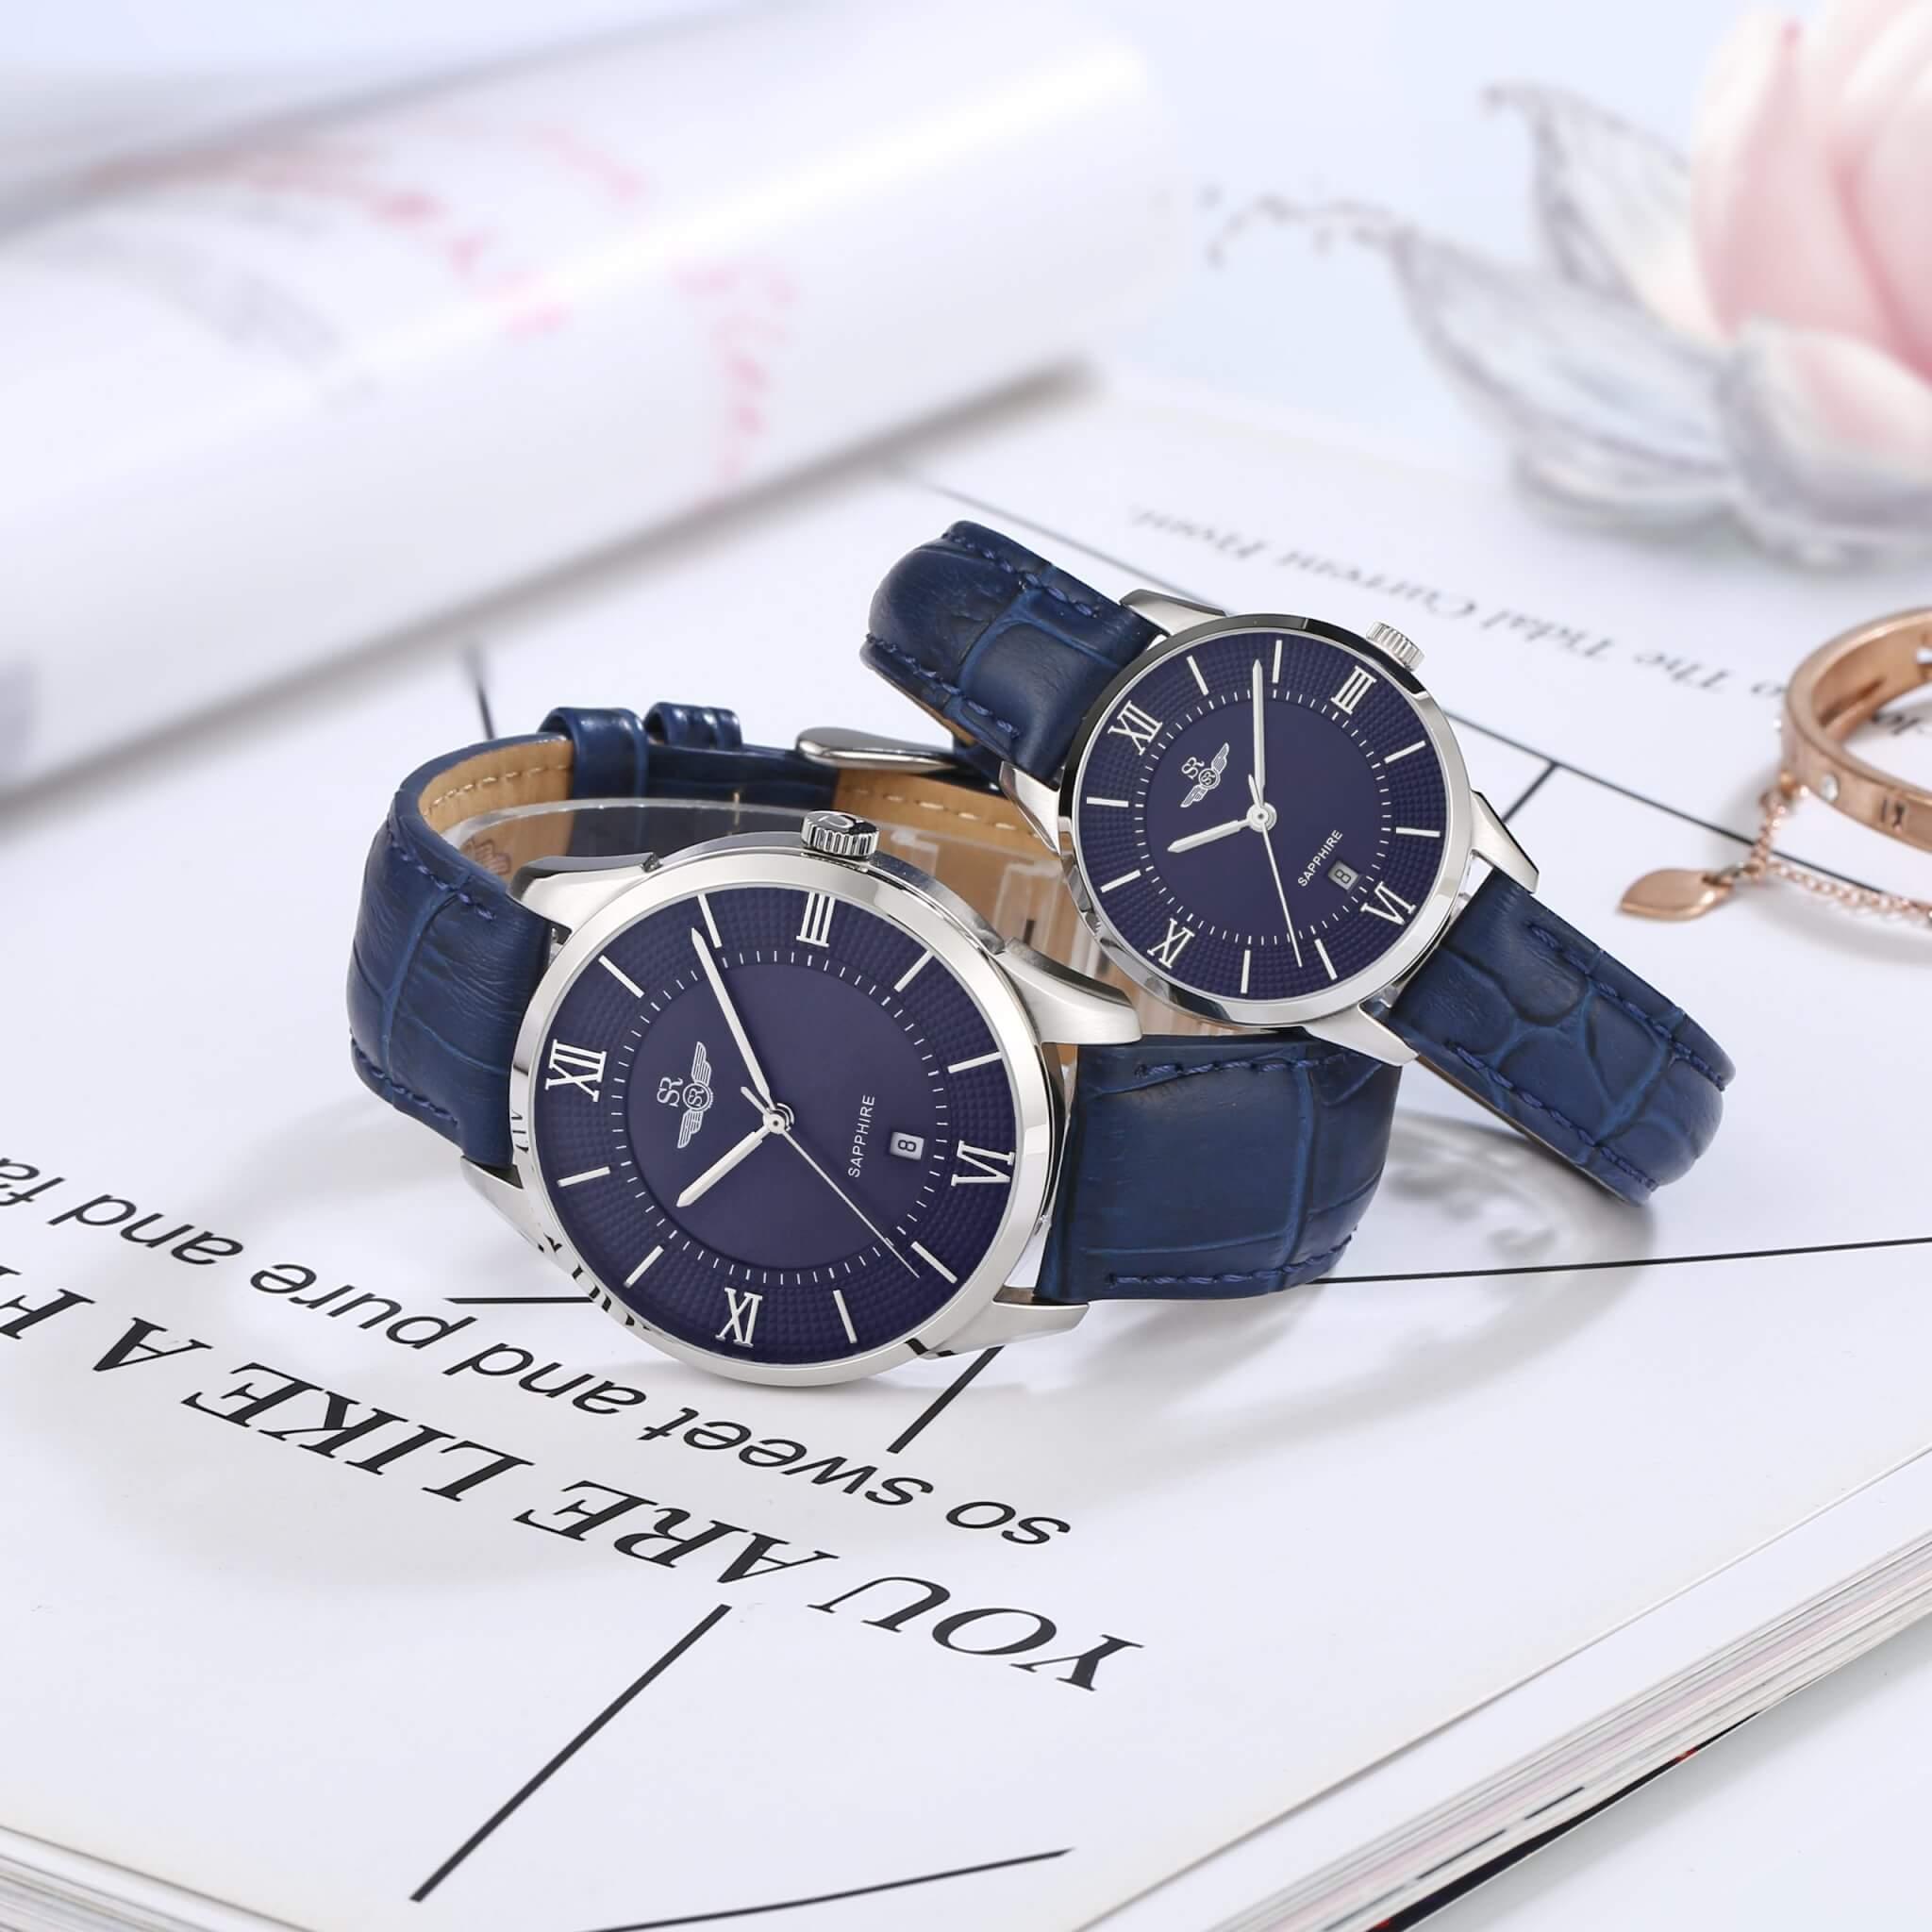 đồng hồ nam đẹp chính hãng